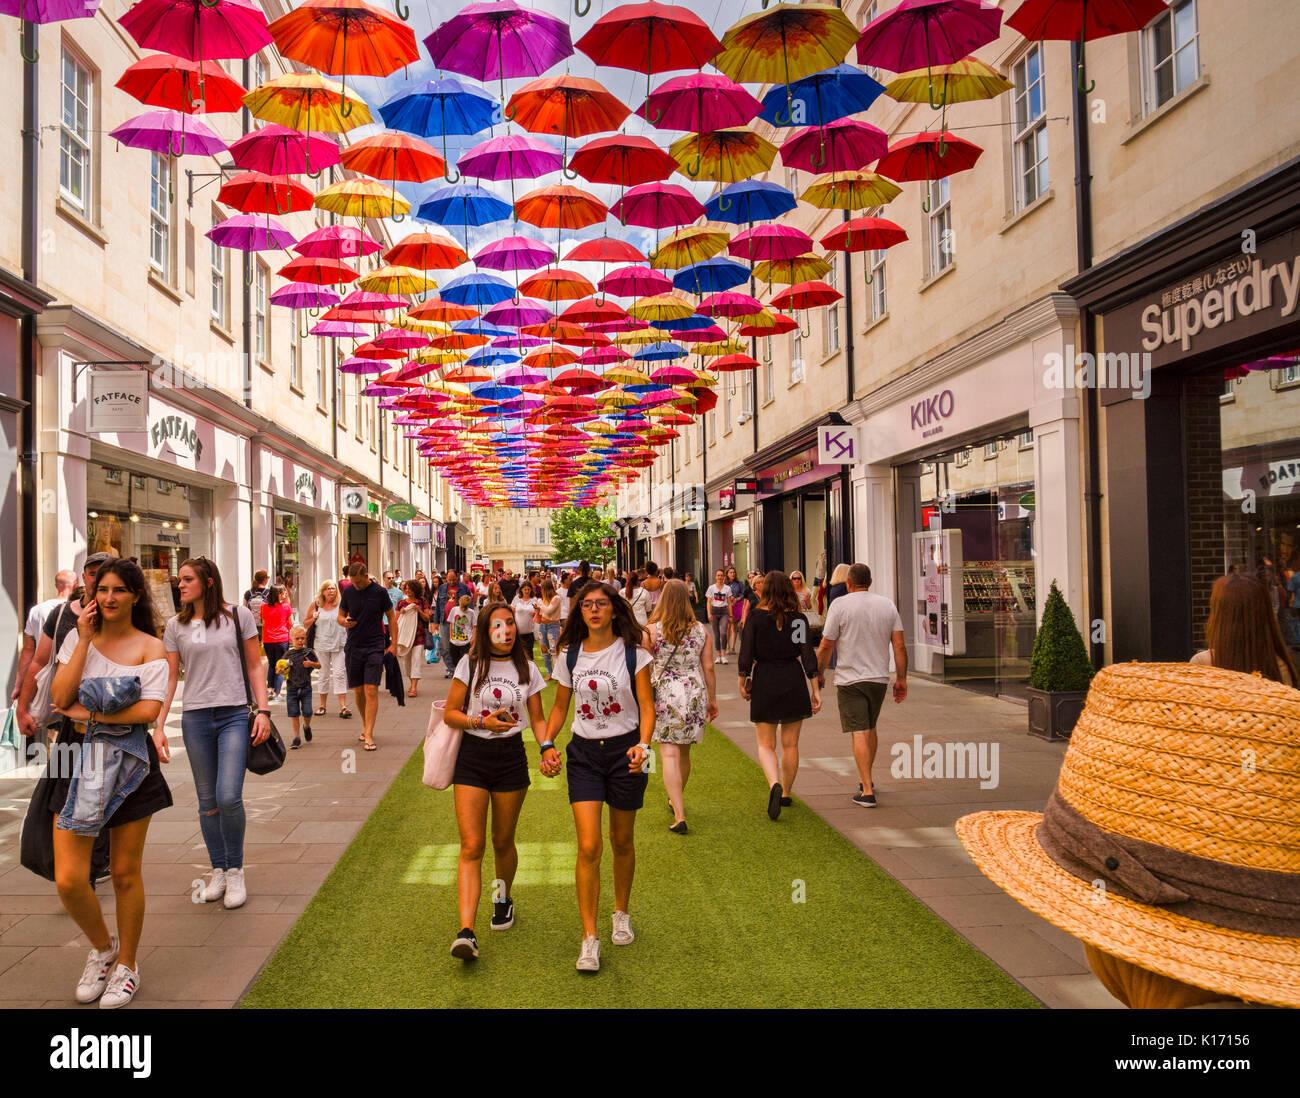 8 Juillet 2017: Bath, Somerset, England, UK - Shopping dans le centre commercial Southgate. Au-dessus est le lieu de l'installation de 1000 de parasols. Photo Stock